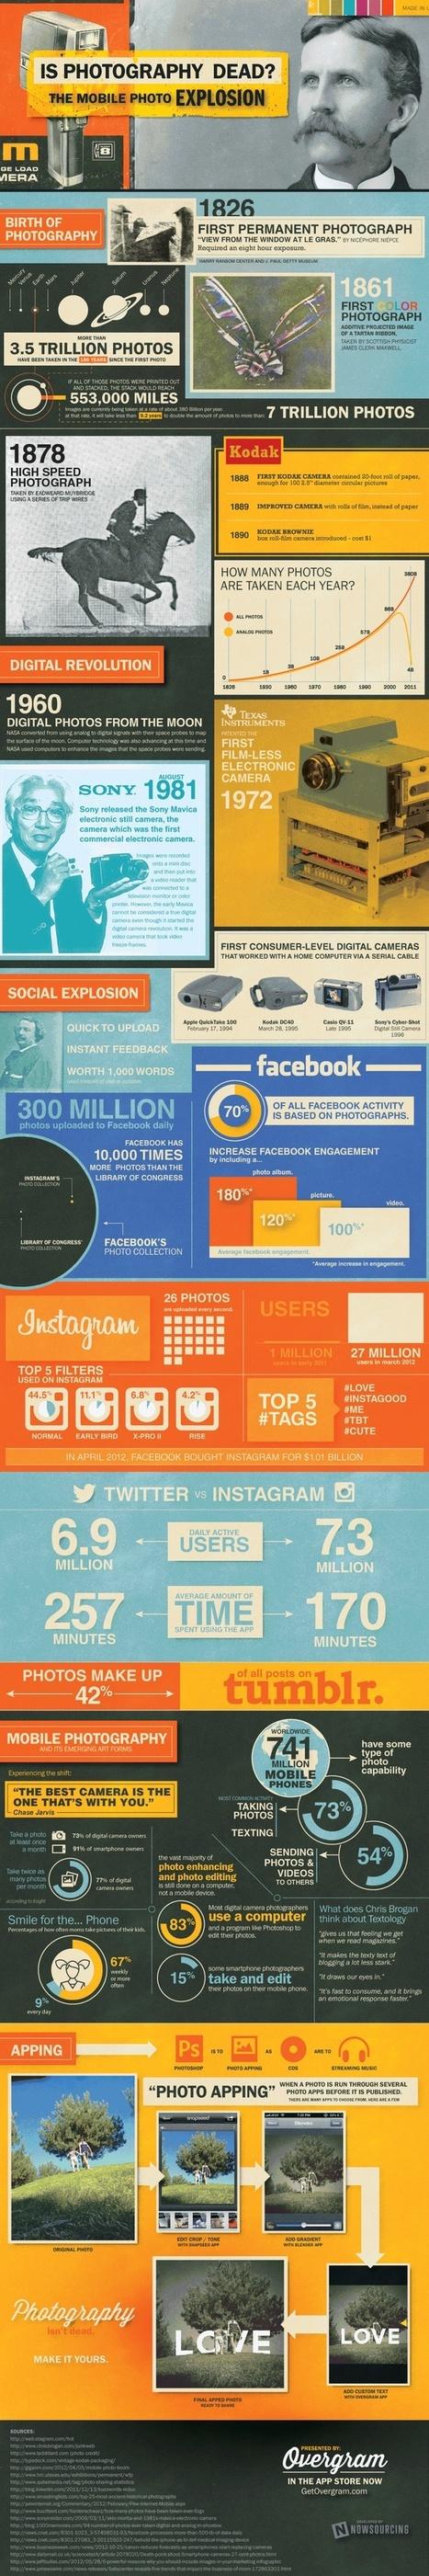 La revolución de la fotografía: Instagram y redes sociales | COMUNICACIONES DIGITALES | Scoop.it